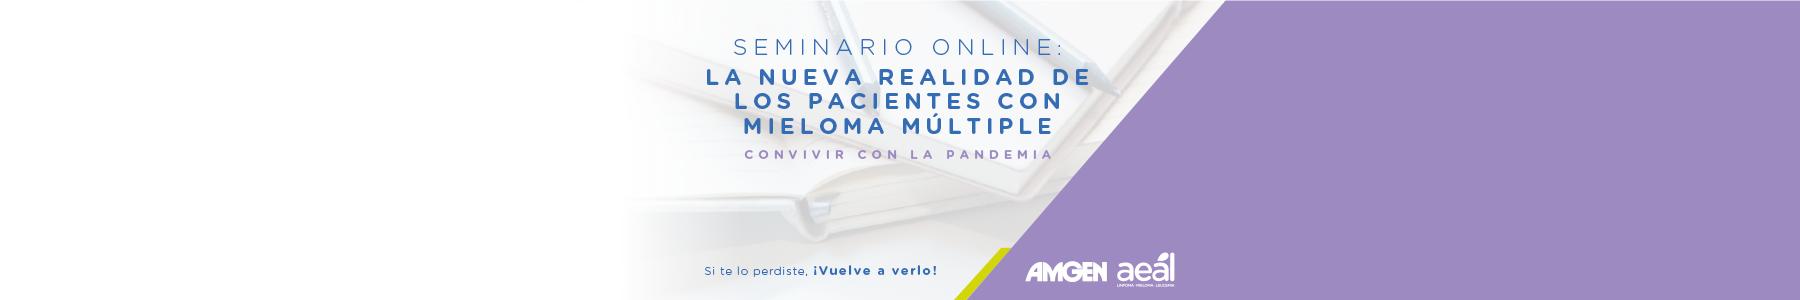 banners_2_seminario_mieloma_aeal_2021_webaeal